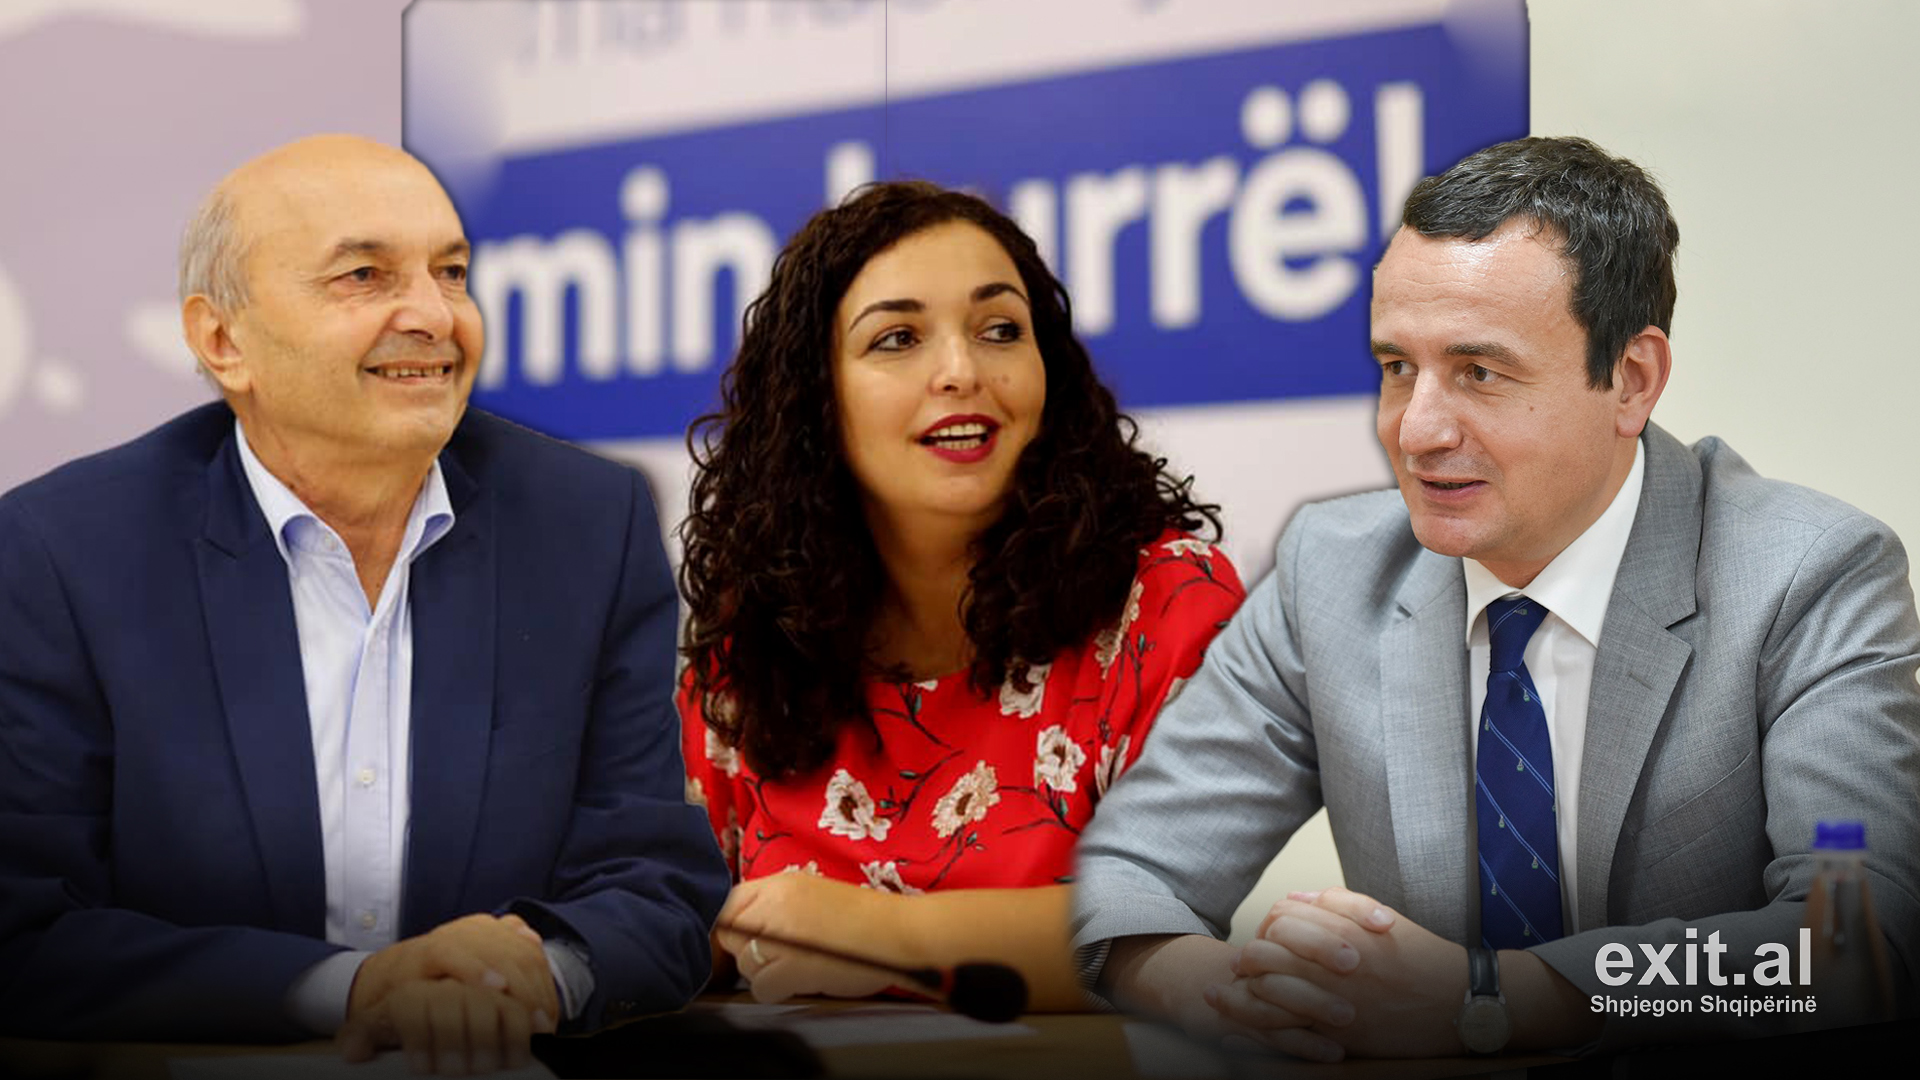 Situata elektorale e Kosovës, Kurti, Mustafa, Osmani dhe të tjerët